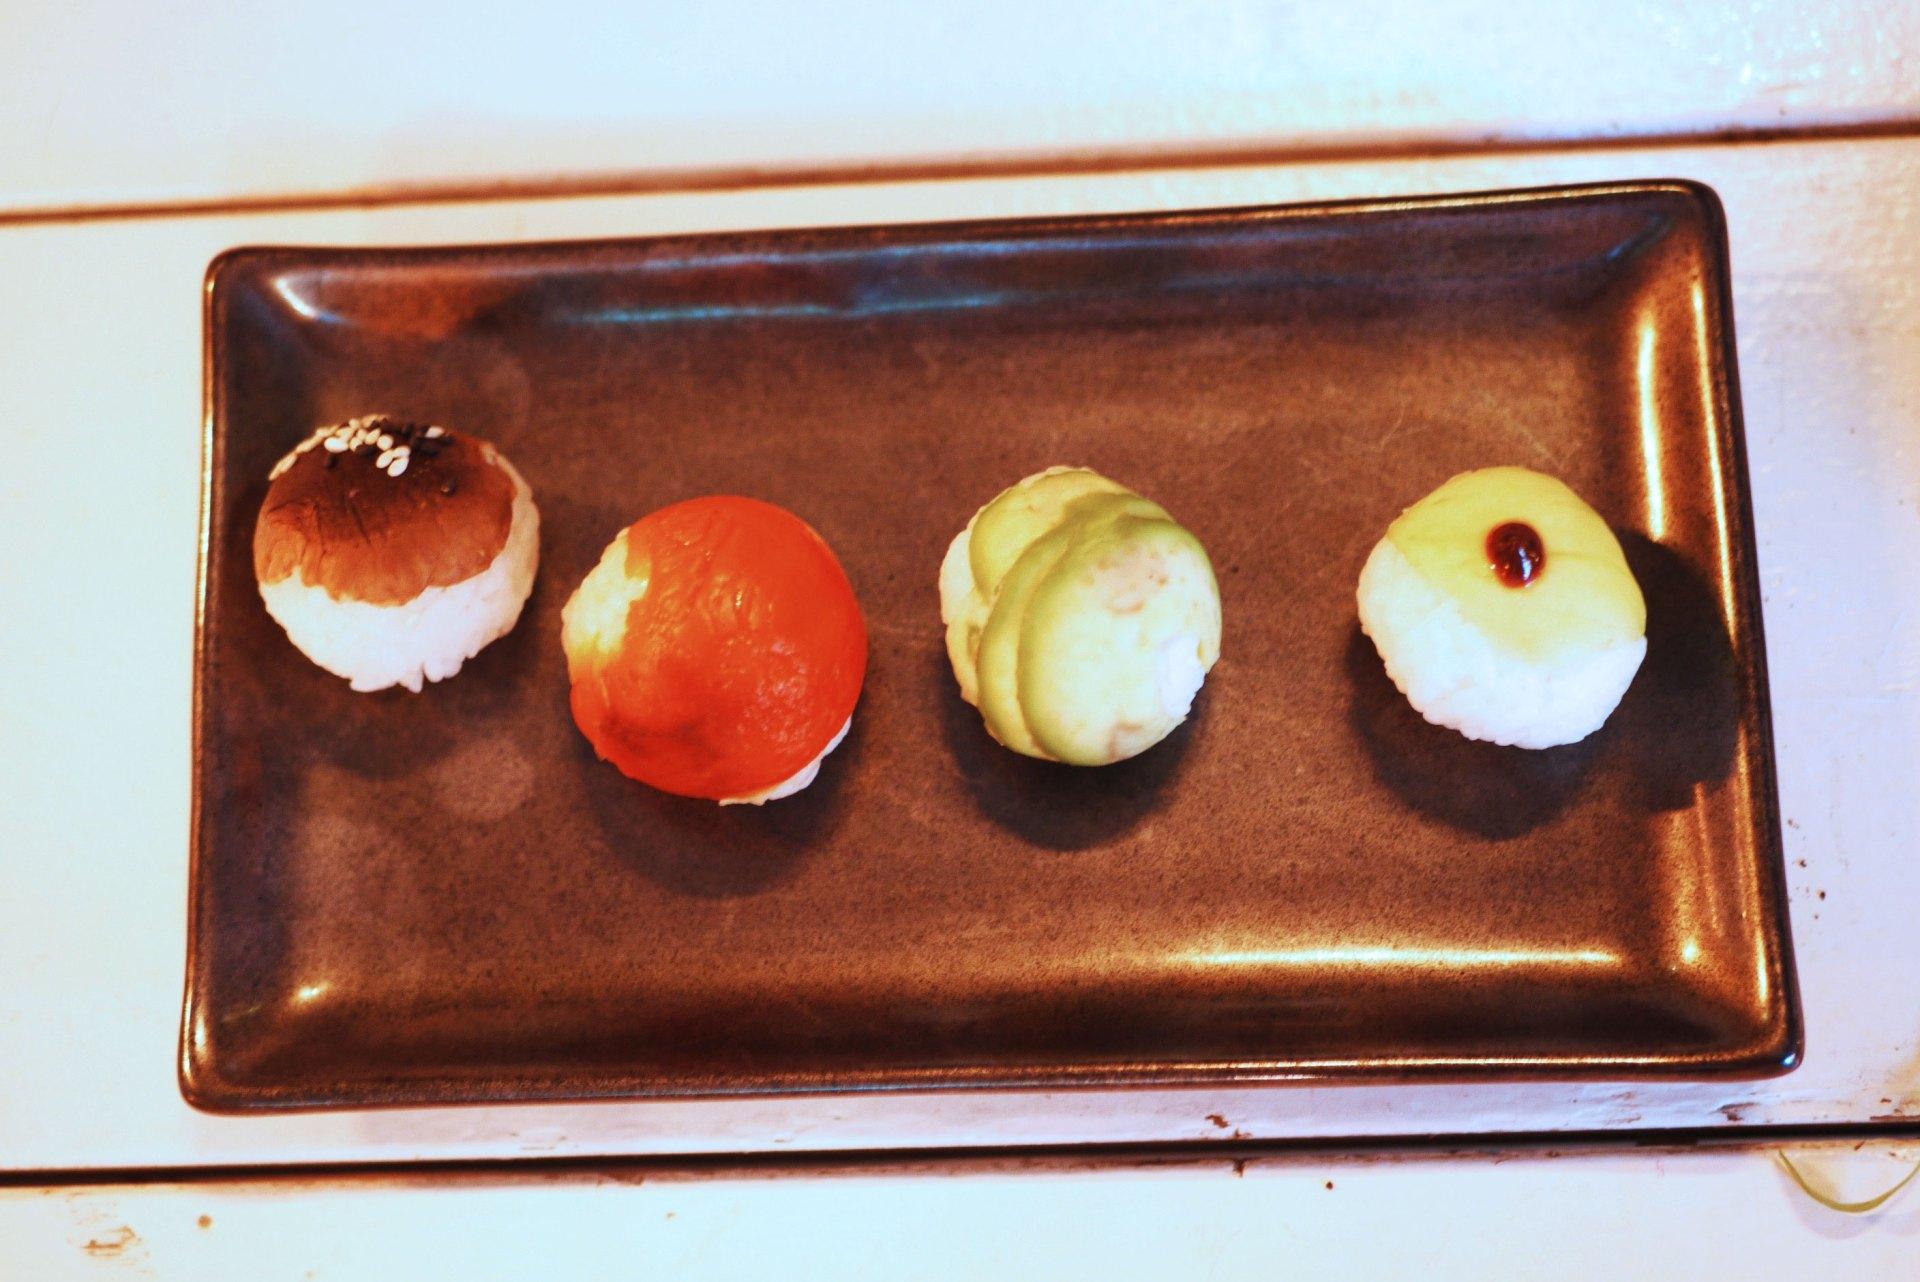 Selection of round nigiri